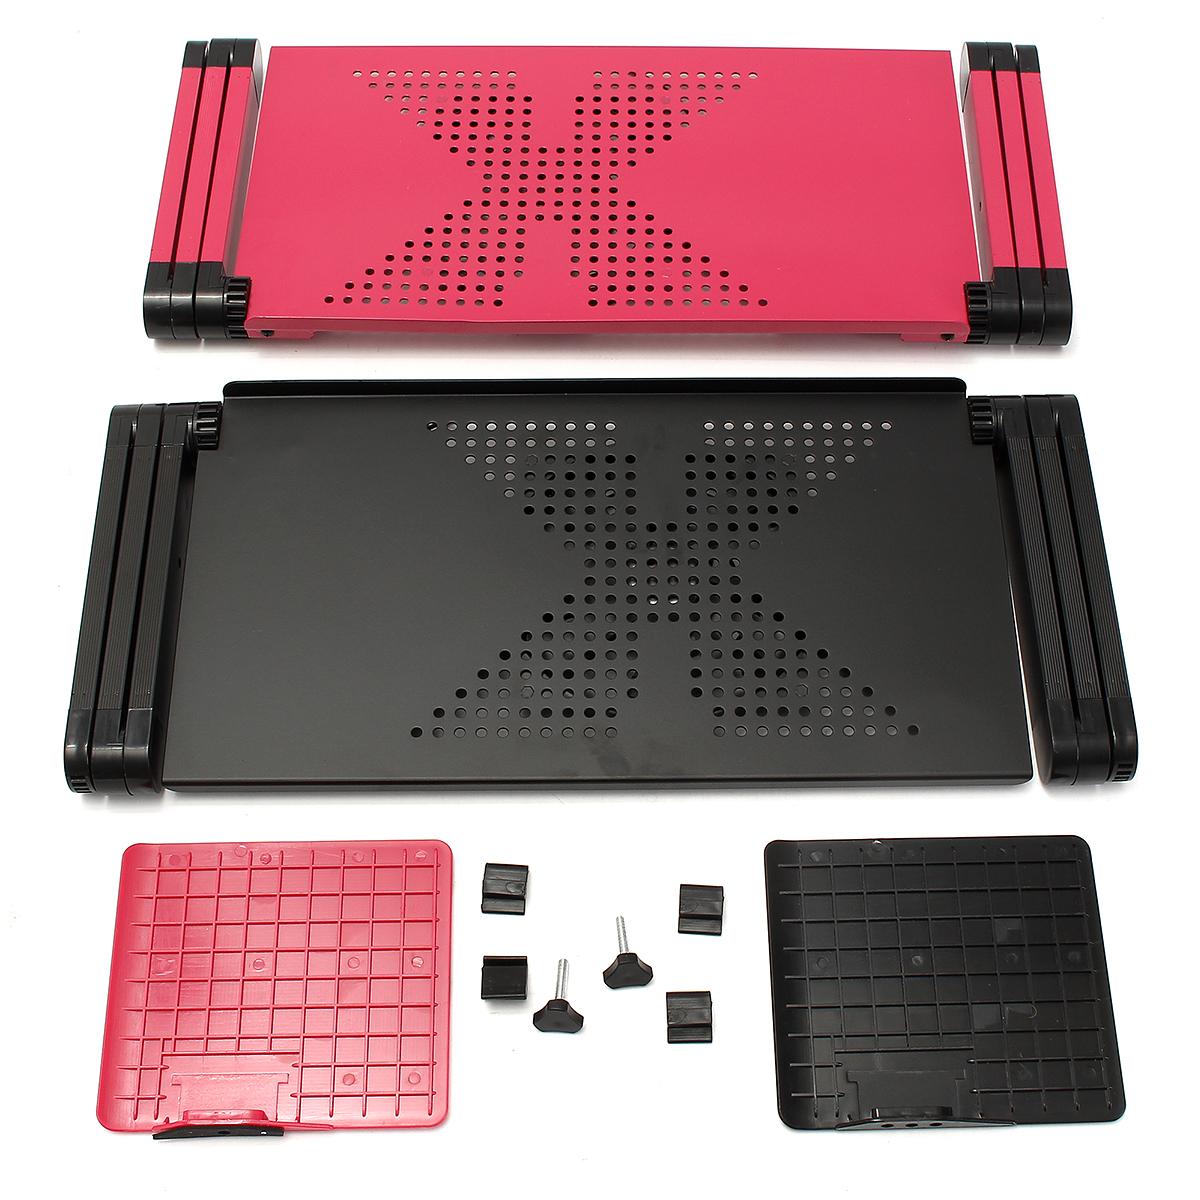 Support d 39 ordinateur portable table tablette lit ventilateur refroidissement rose 480 prix - Tablette pour ordinateur portable lit ...